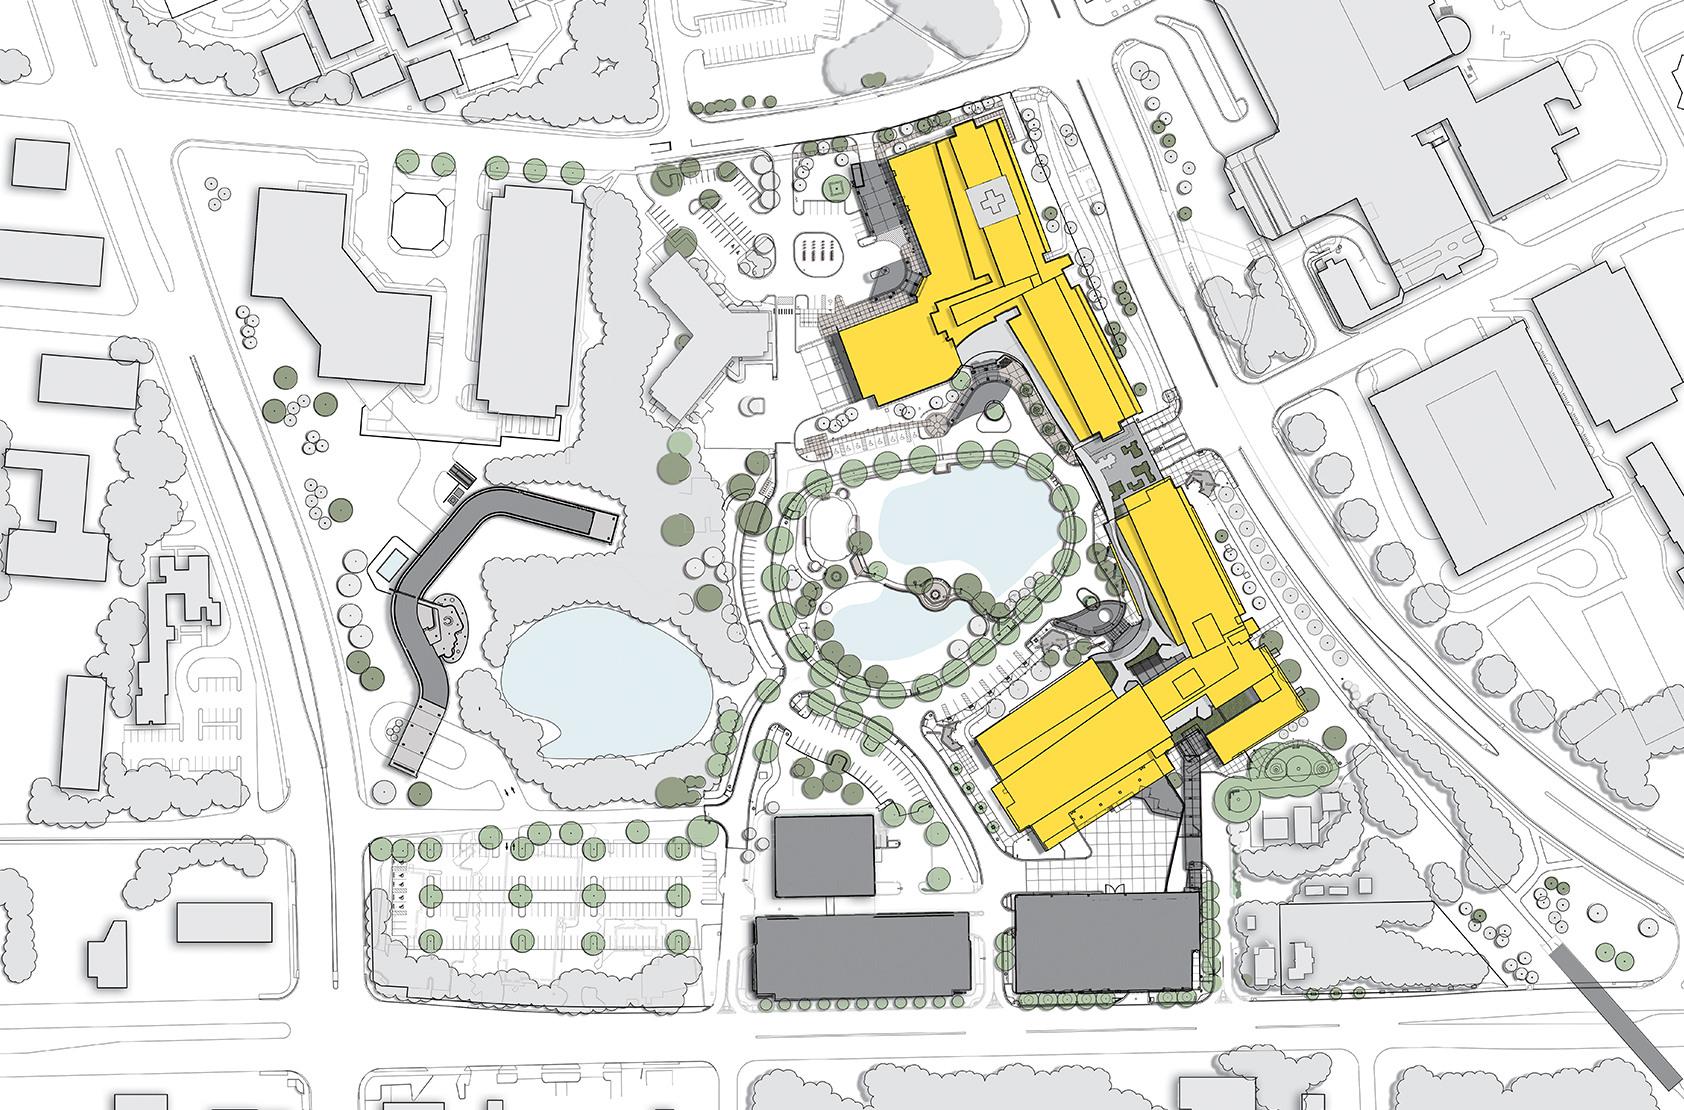 UF Health - Master Site Plan